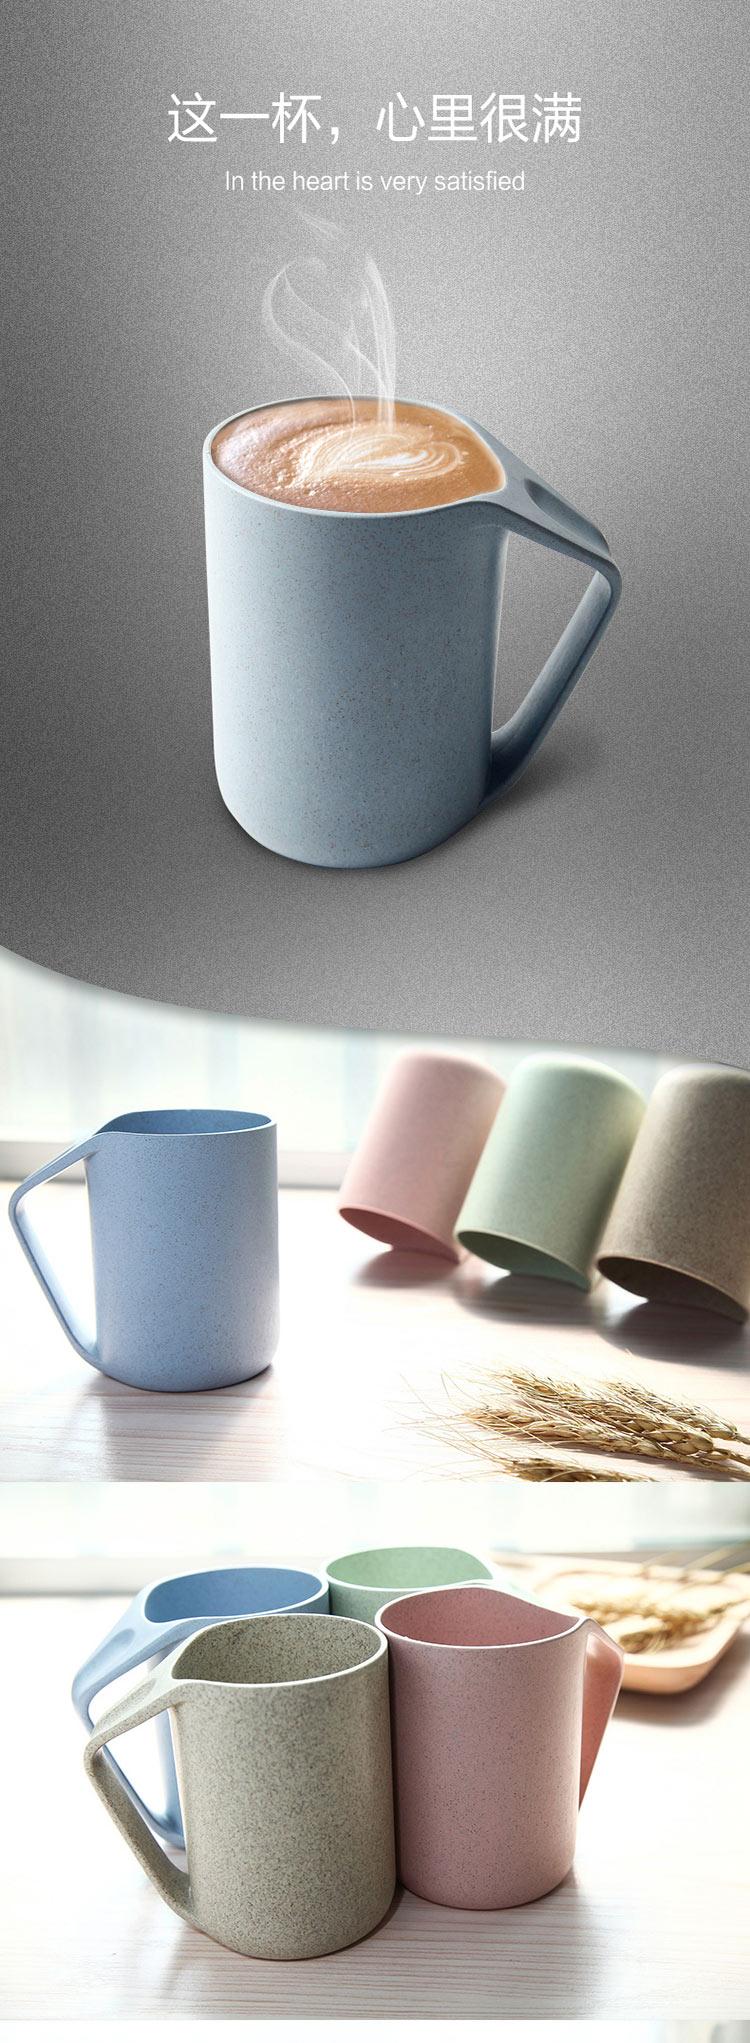 加加林 小麦漱口杯子 情侣牙刷杯刷牙杯儿童洗漱杯塑料牙缸 蓝色-京东